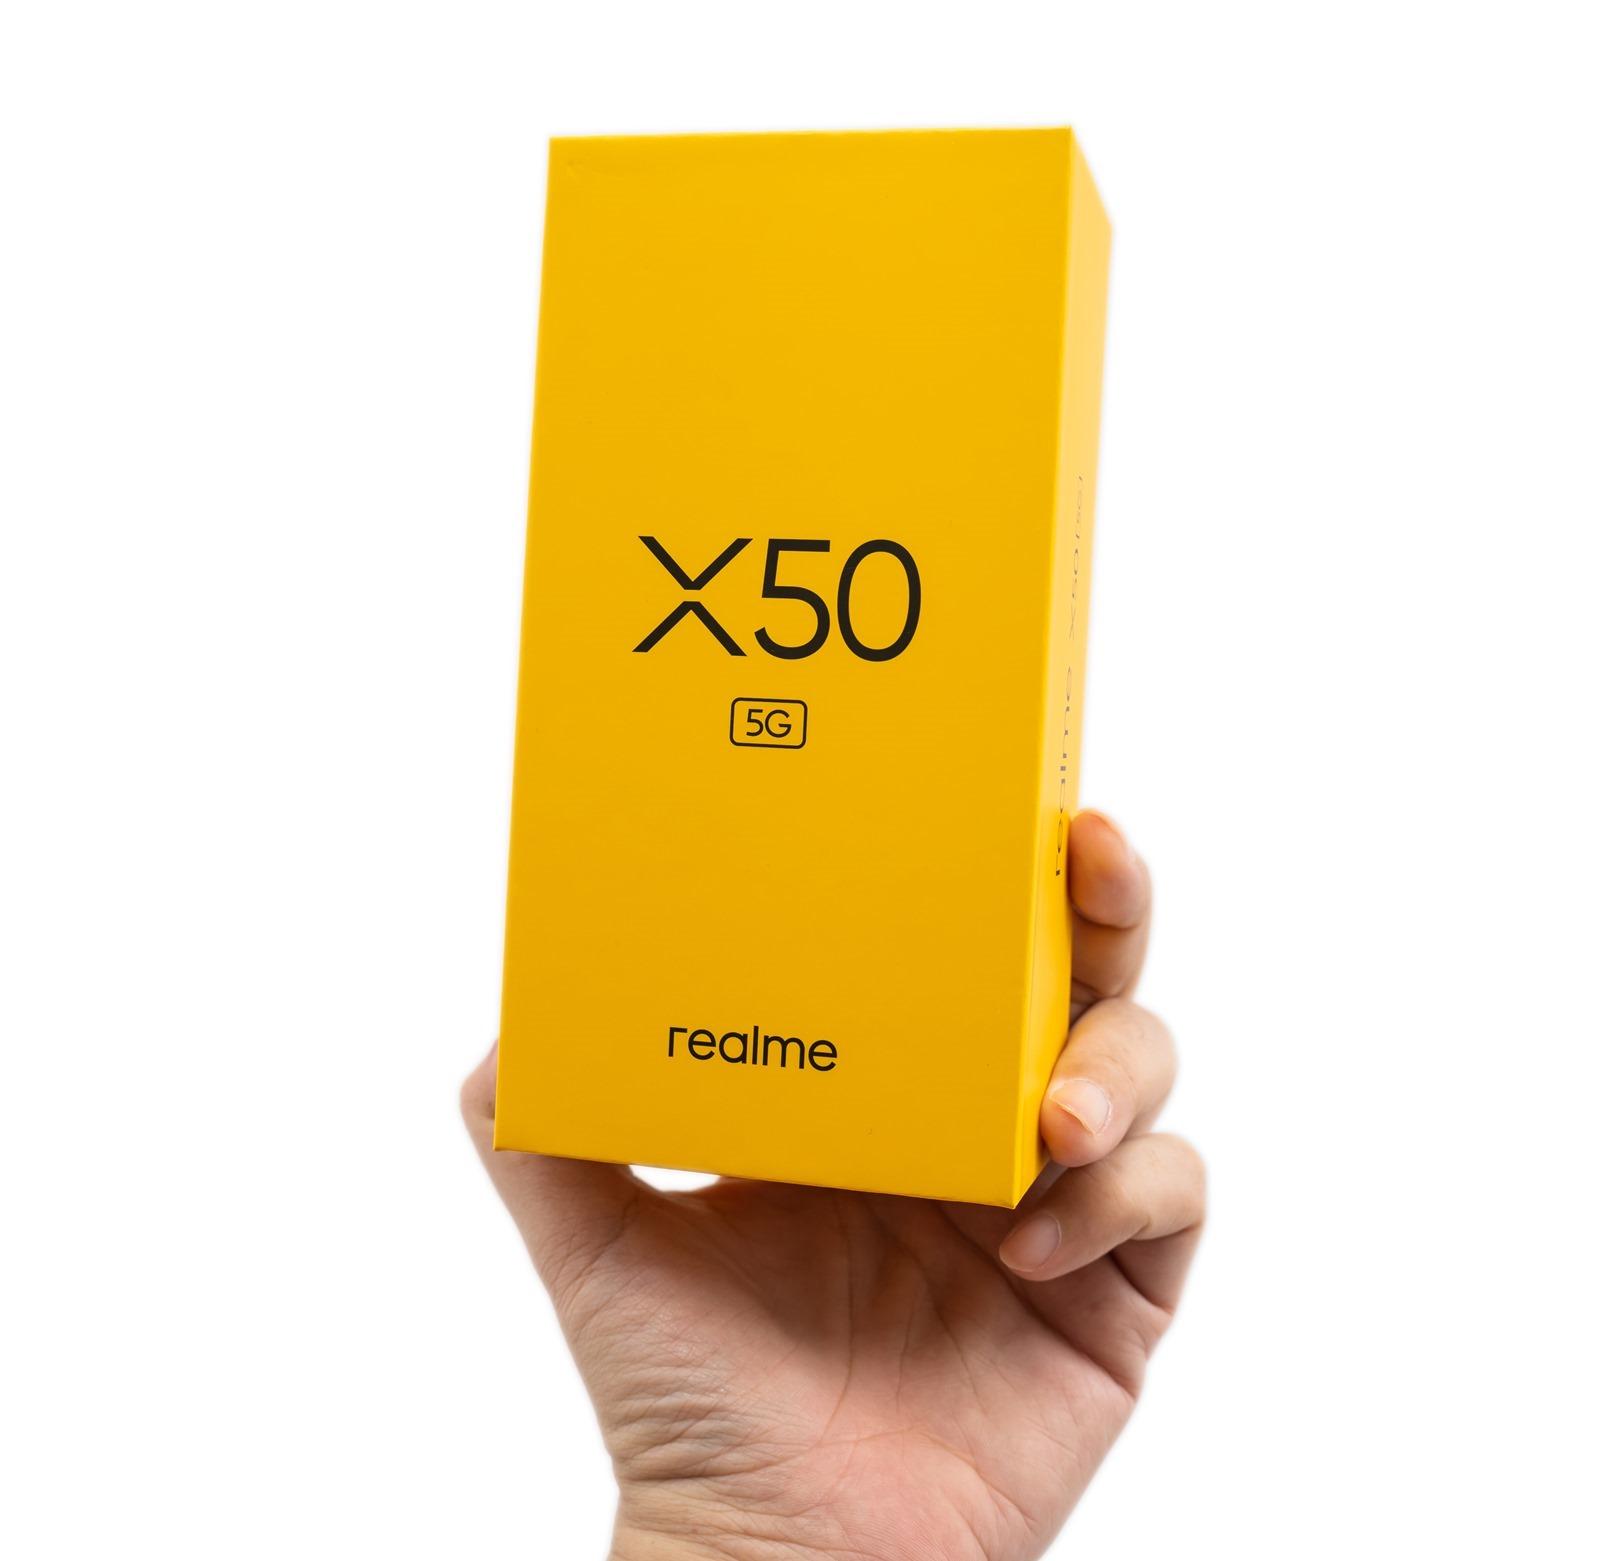 萬元輕鬆入手 5G 手機!Realme X50 性能測試 / 續航實測 / 快充電測試 @3C 達人廖阿輝